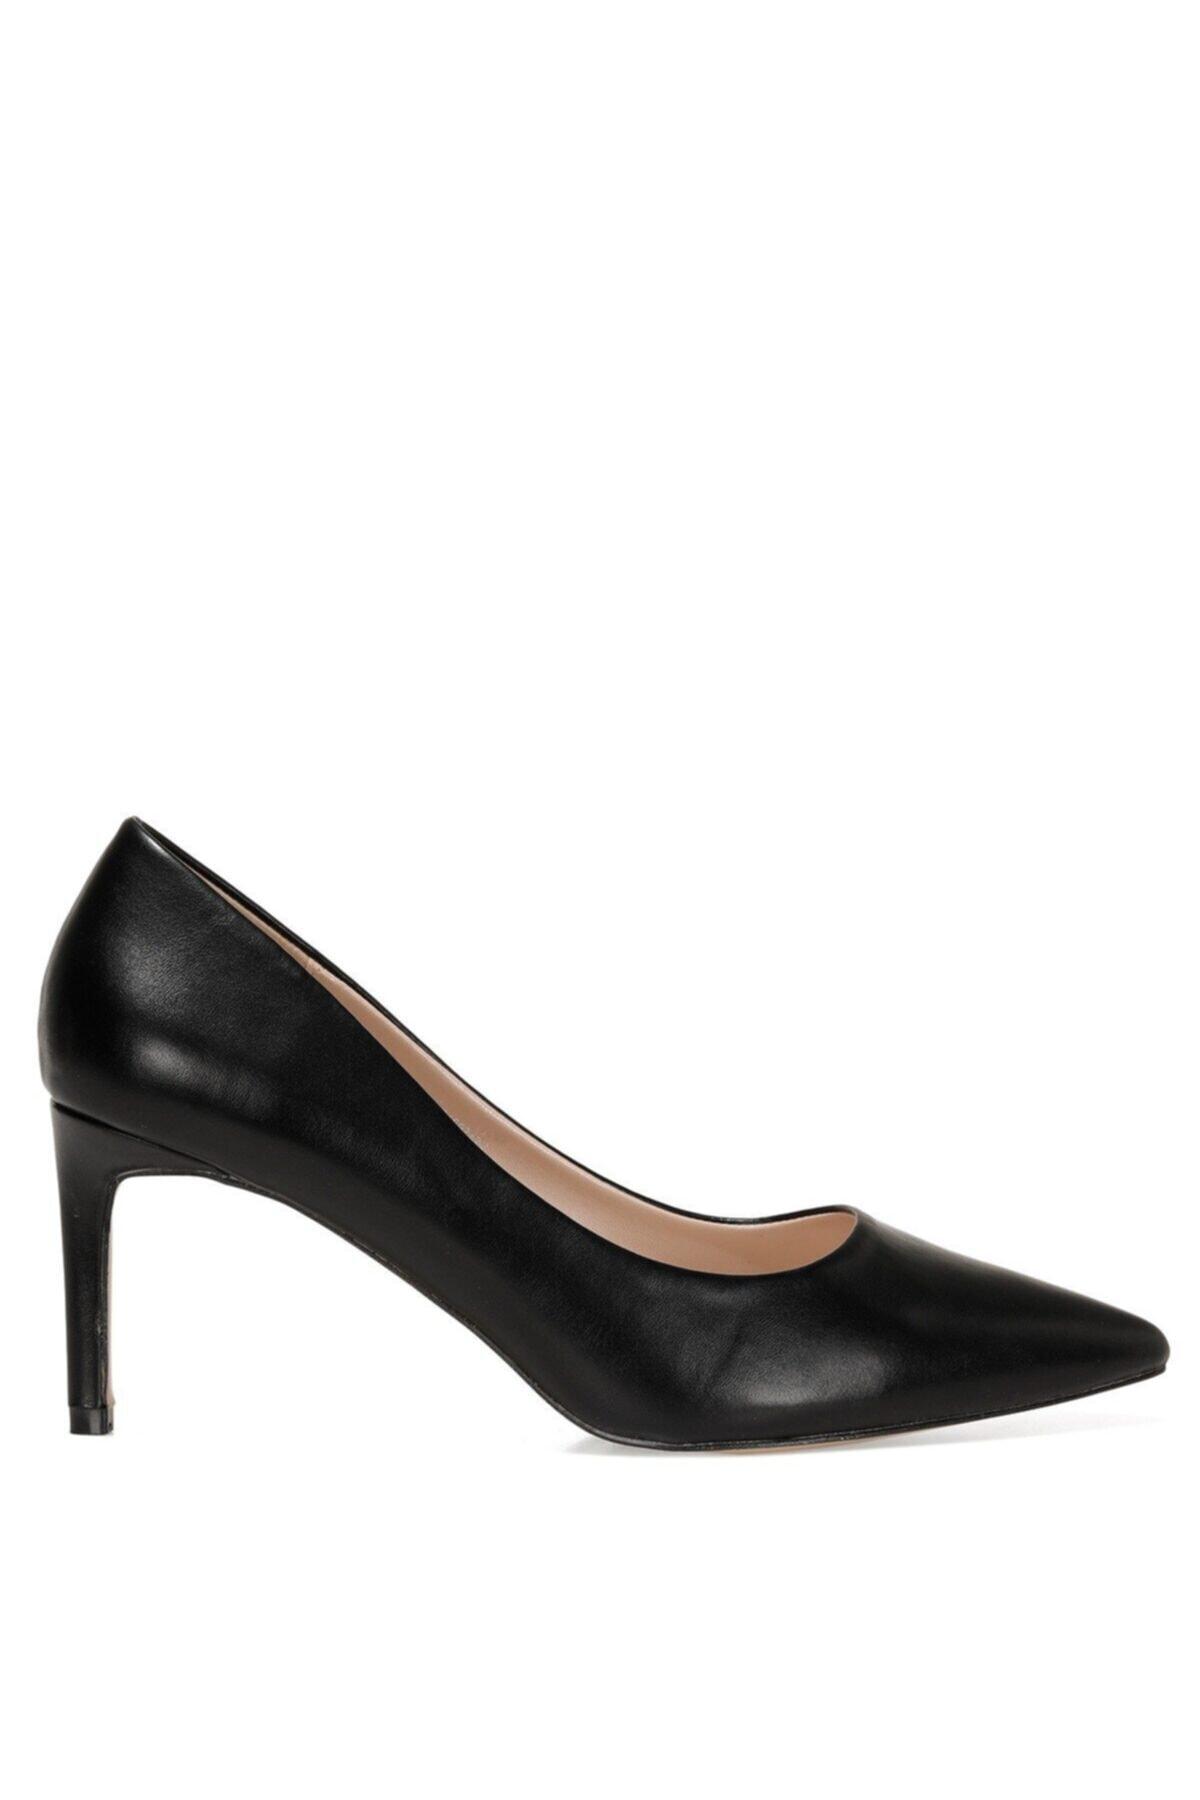 GENTILLA 1FX Siyah Kadın Klasik Topuklu Ayakkabı 101007477